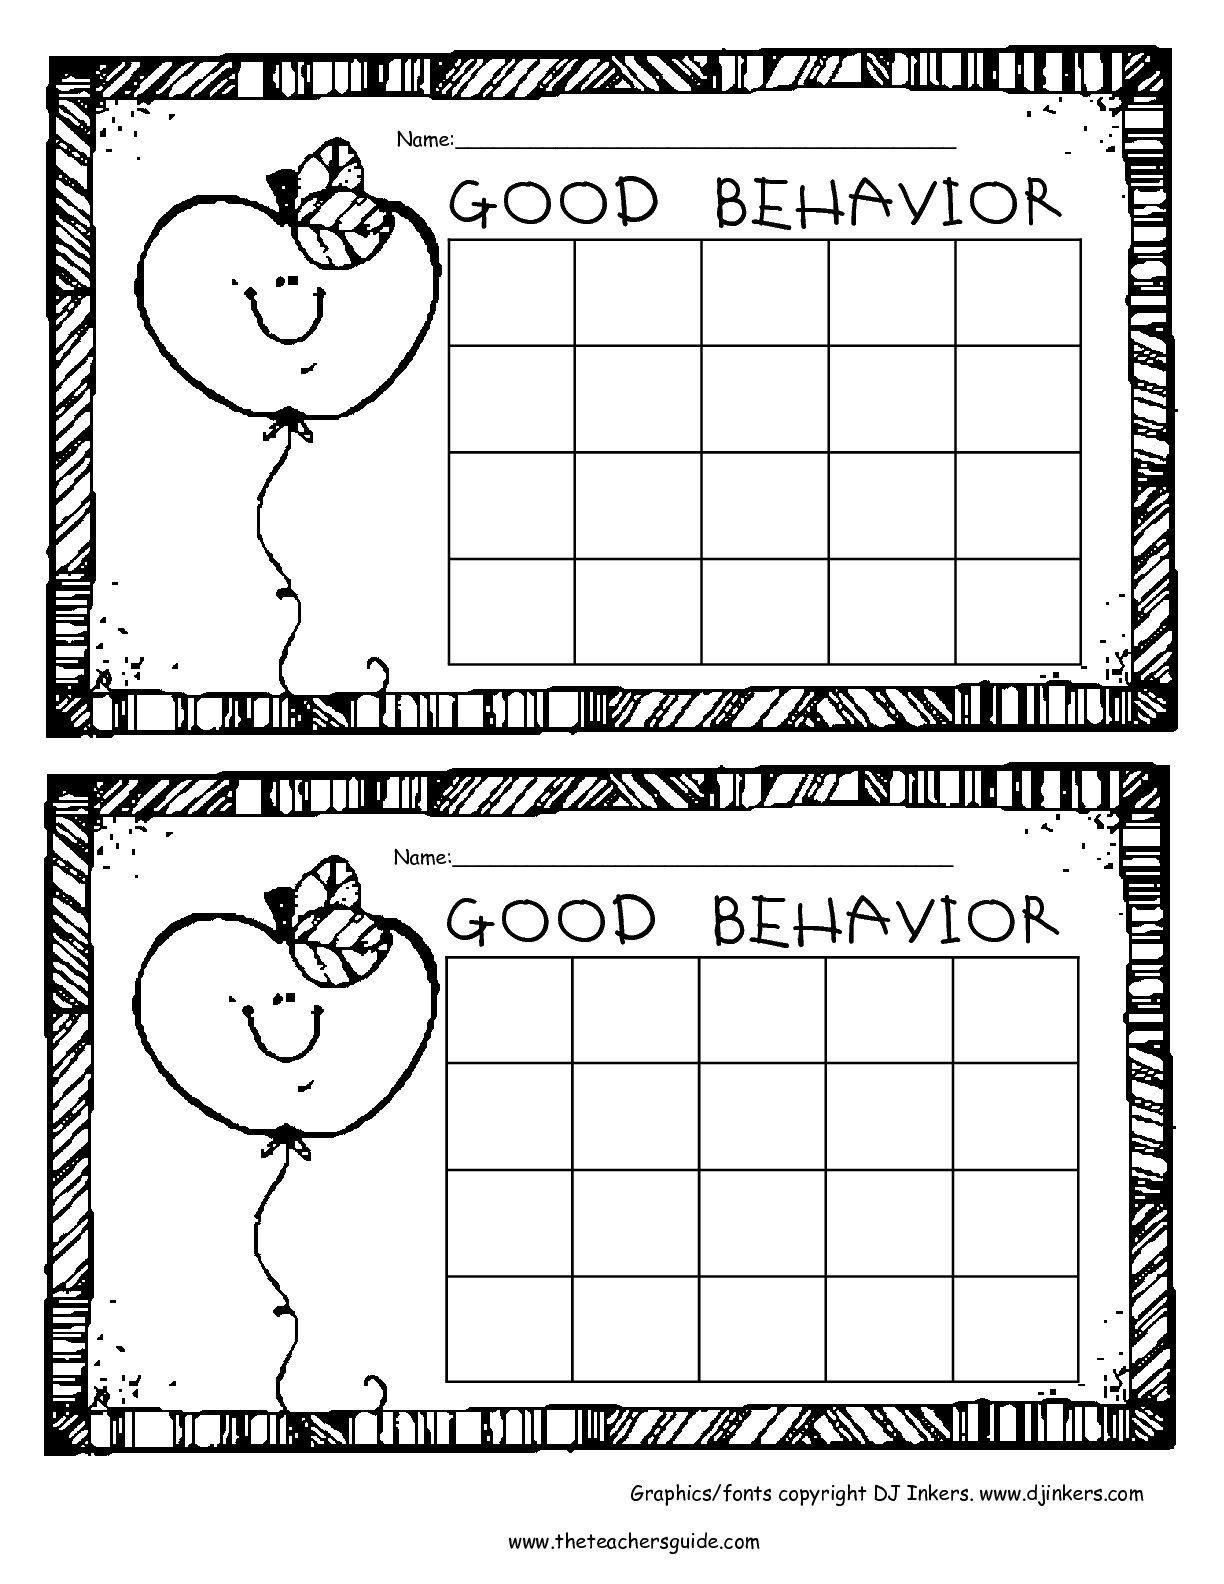 Free Printable Reward And Incentive Charts   Sticker Charts - Free Printable Charts For Classroom